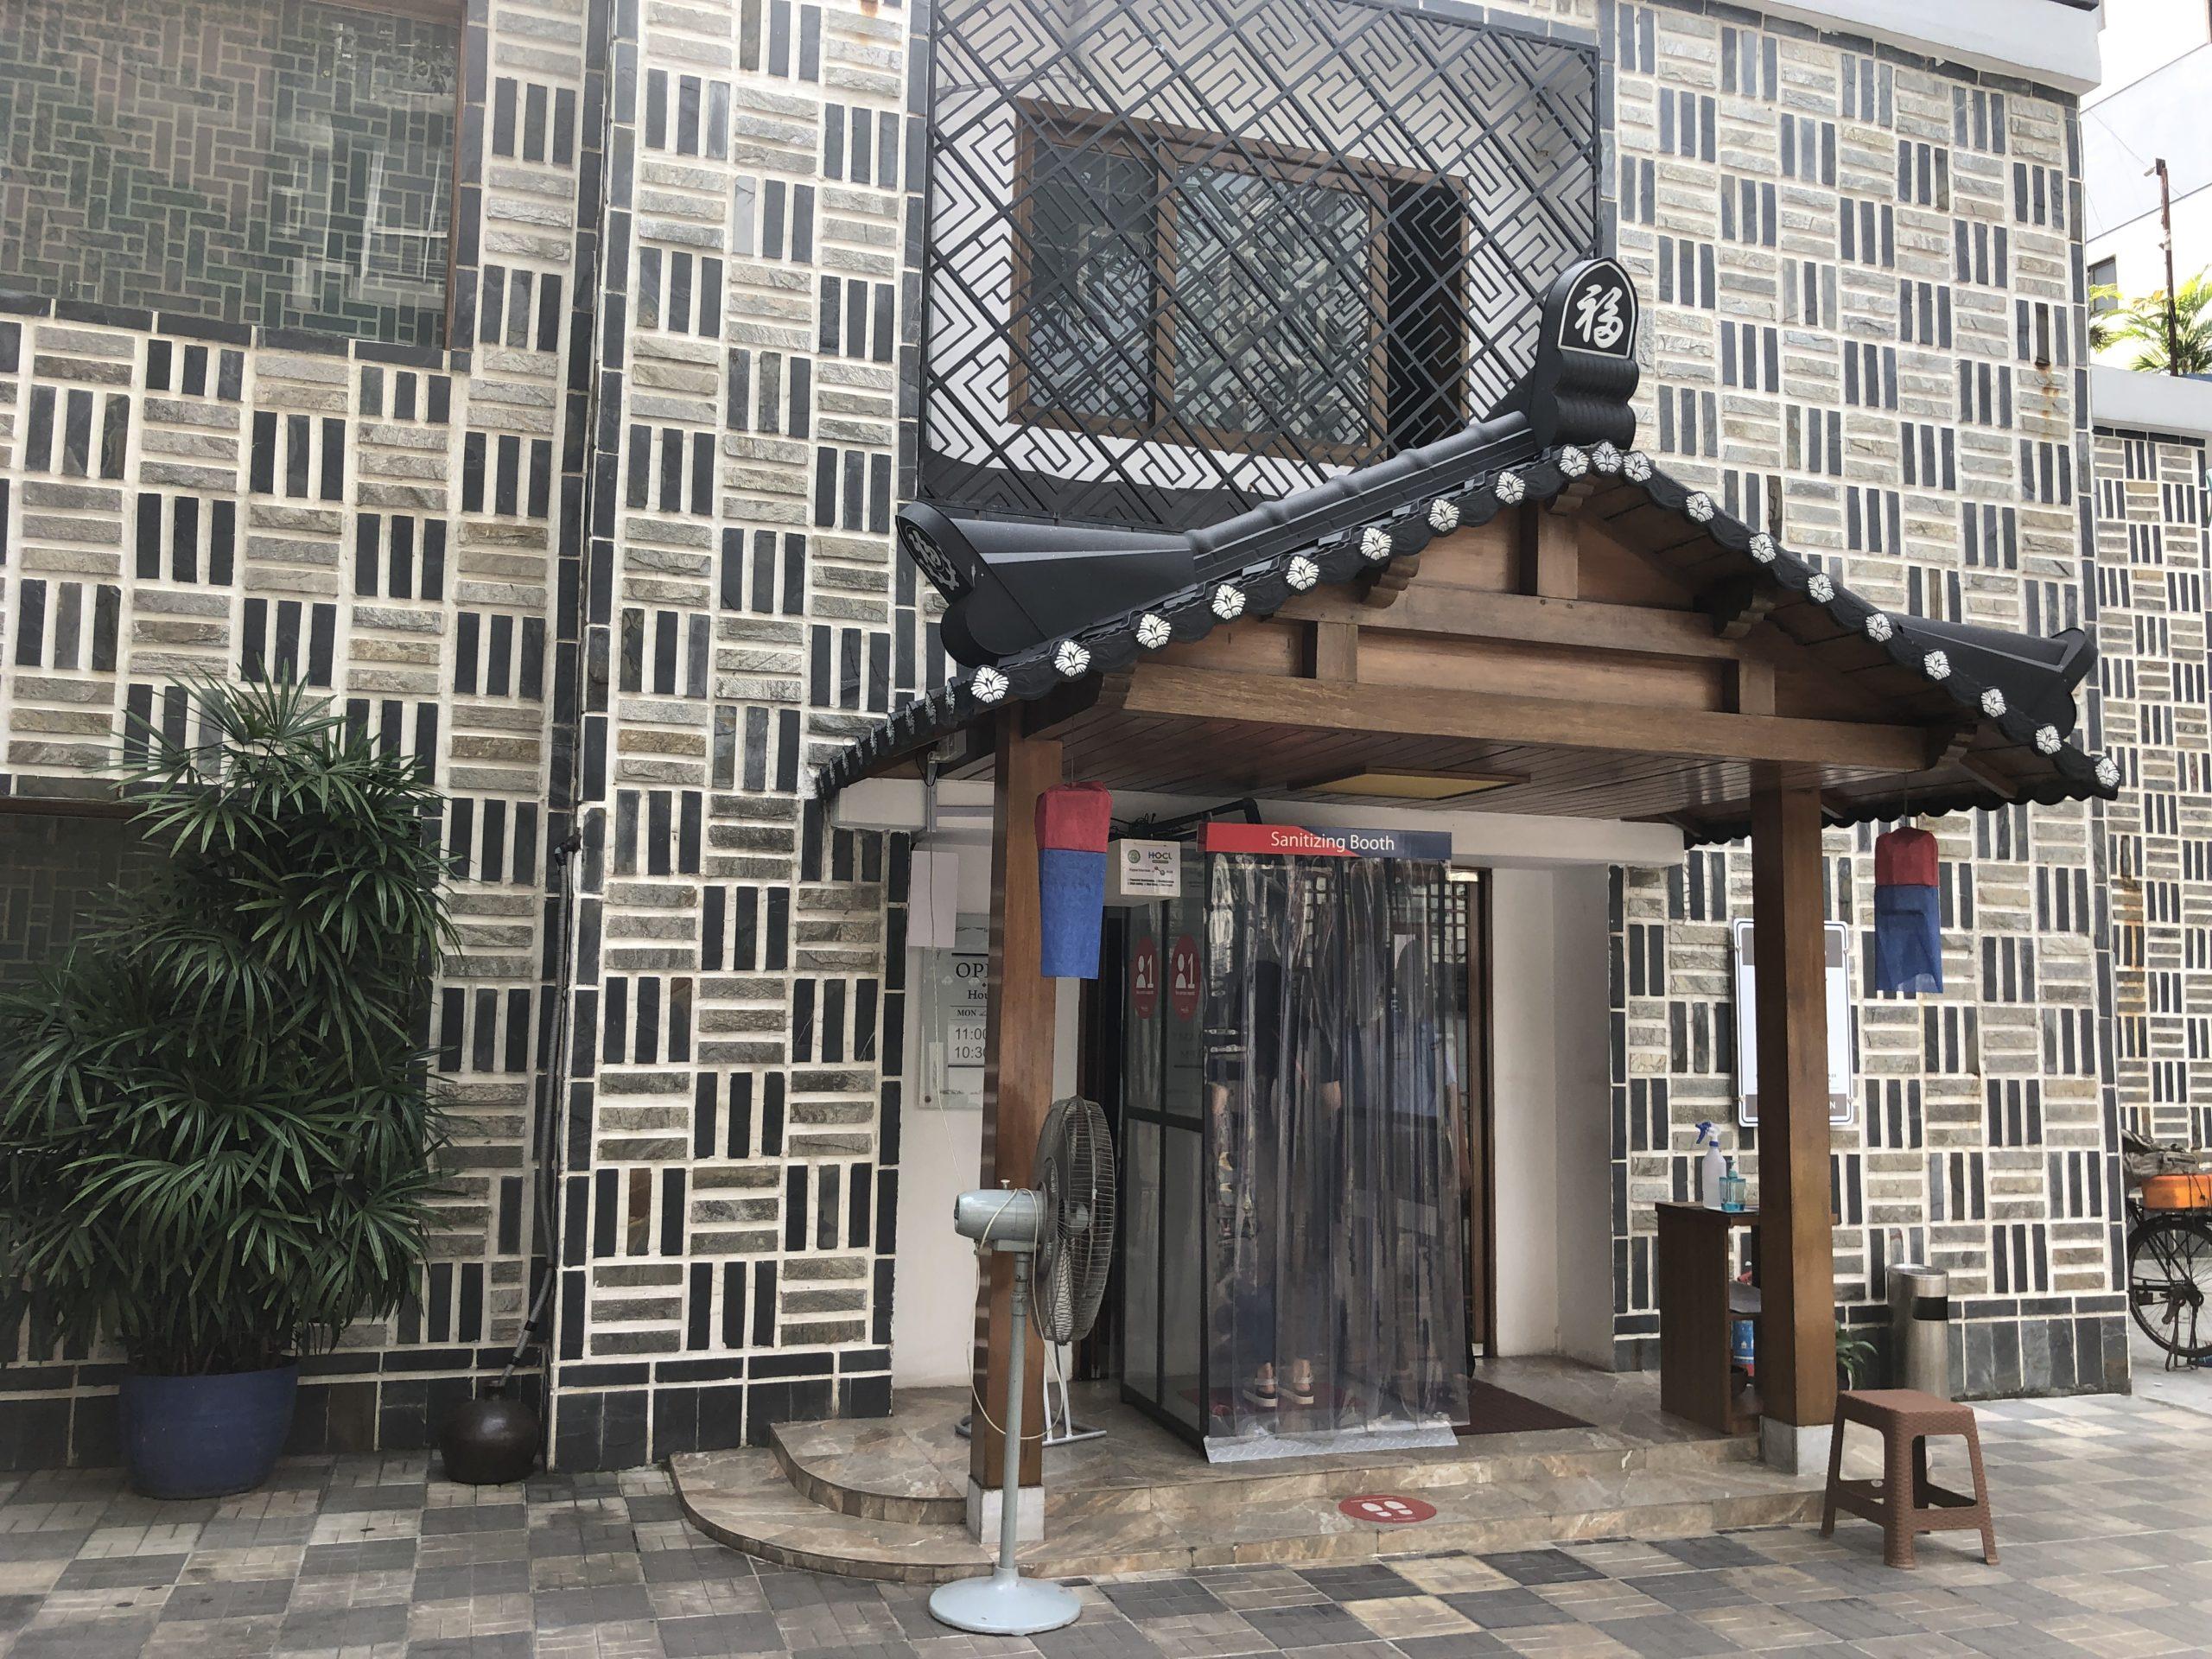 「味良し、サービス良し、衛生面良し、の3拍子揃った韓国料理店」Koreana Restaurant@ダッカ市グルシャン